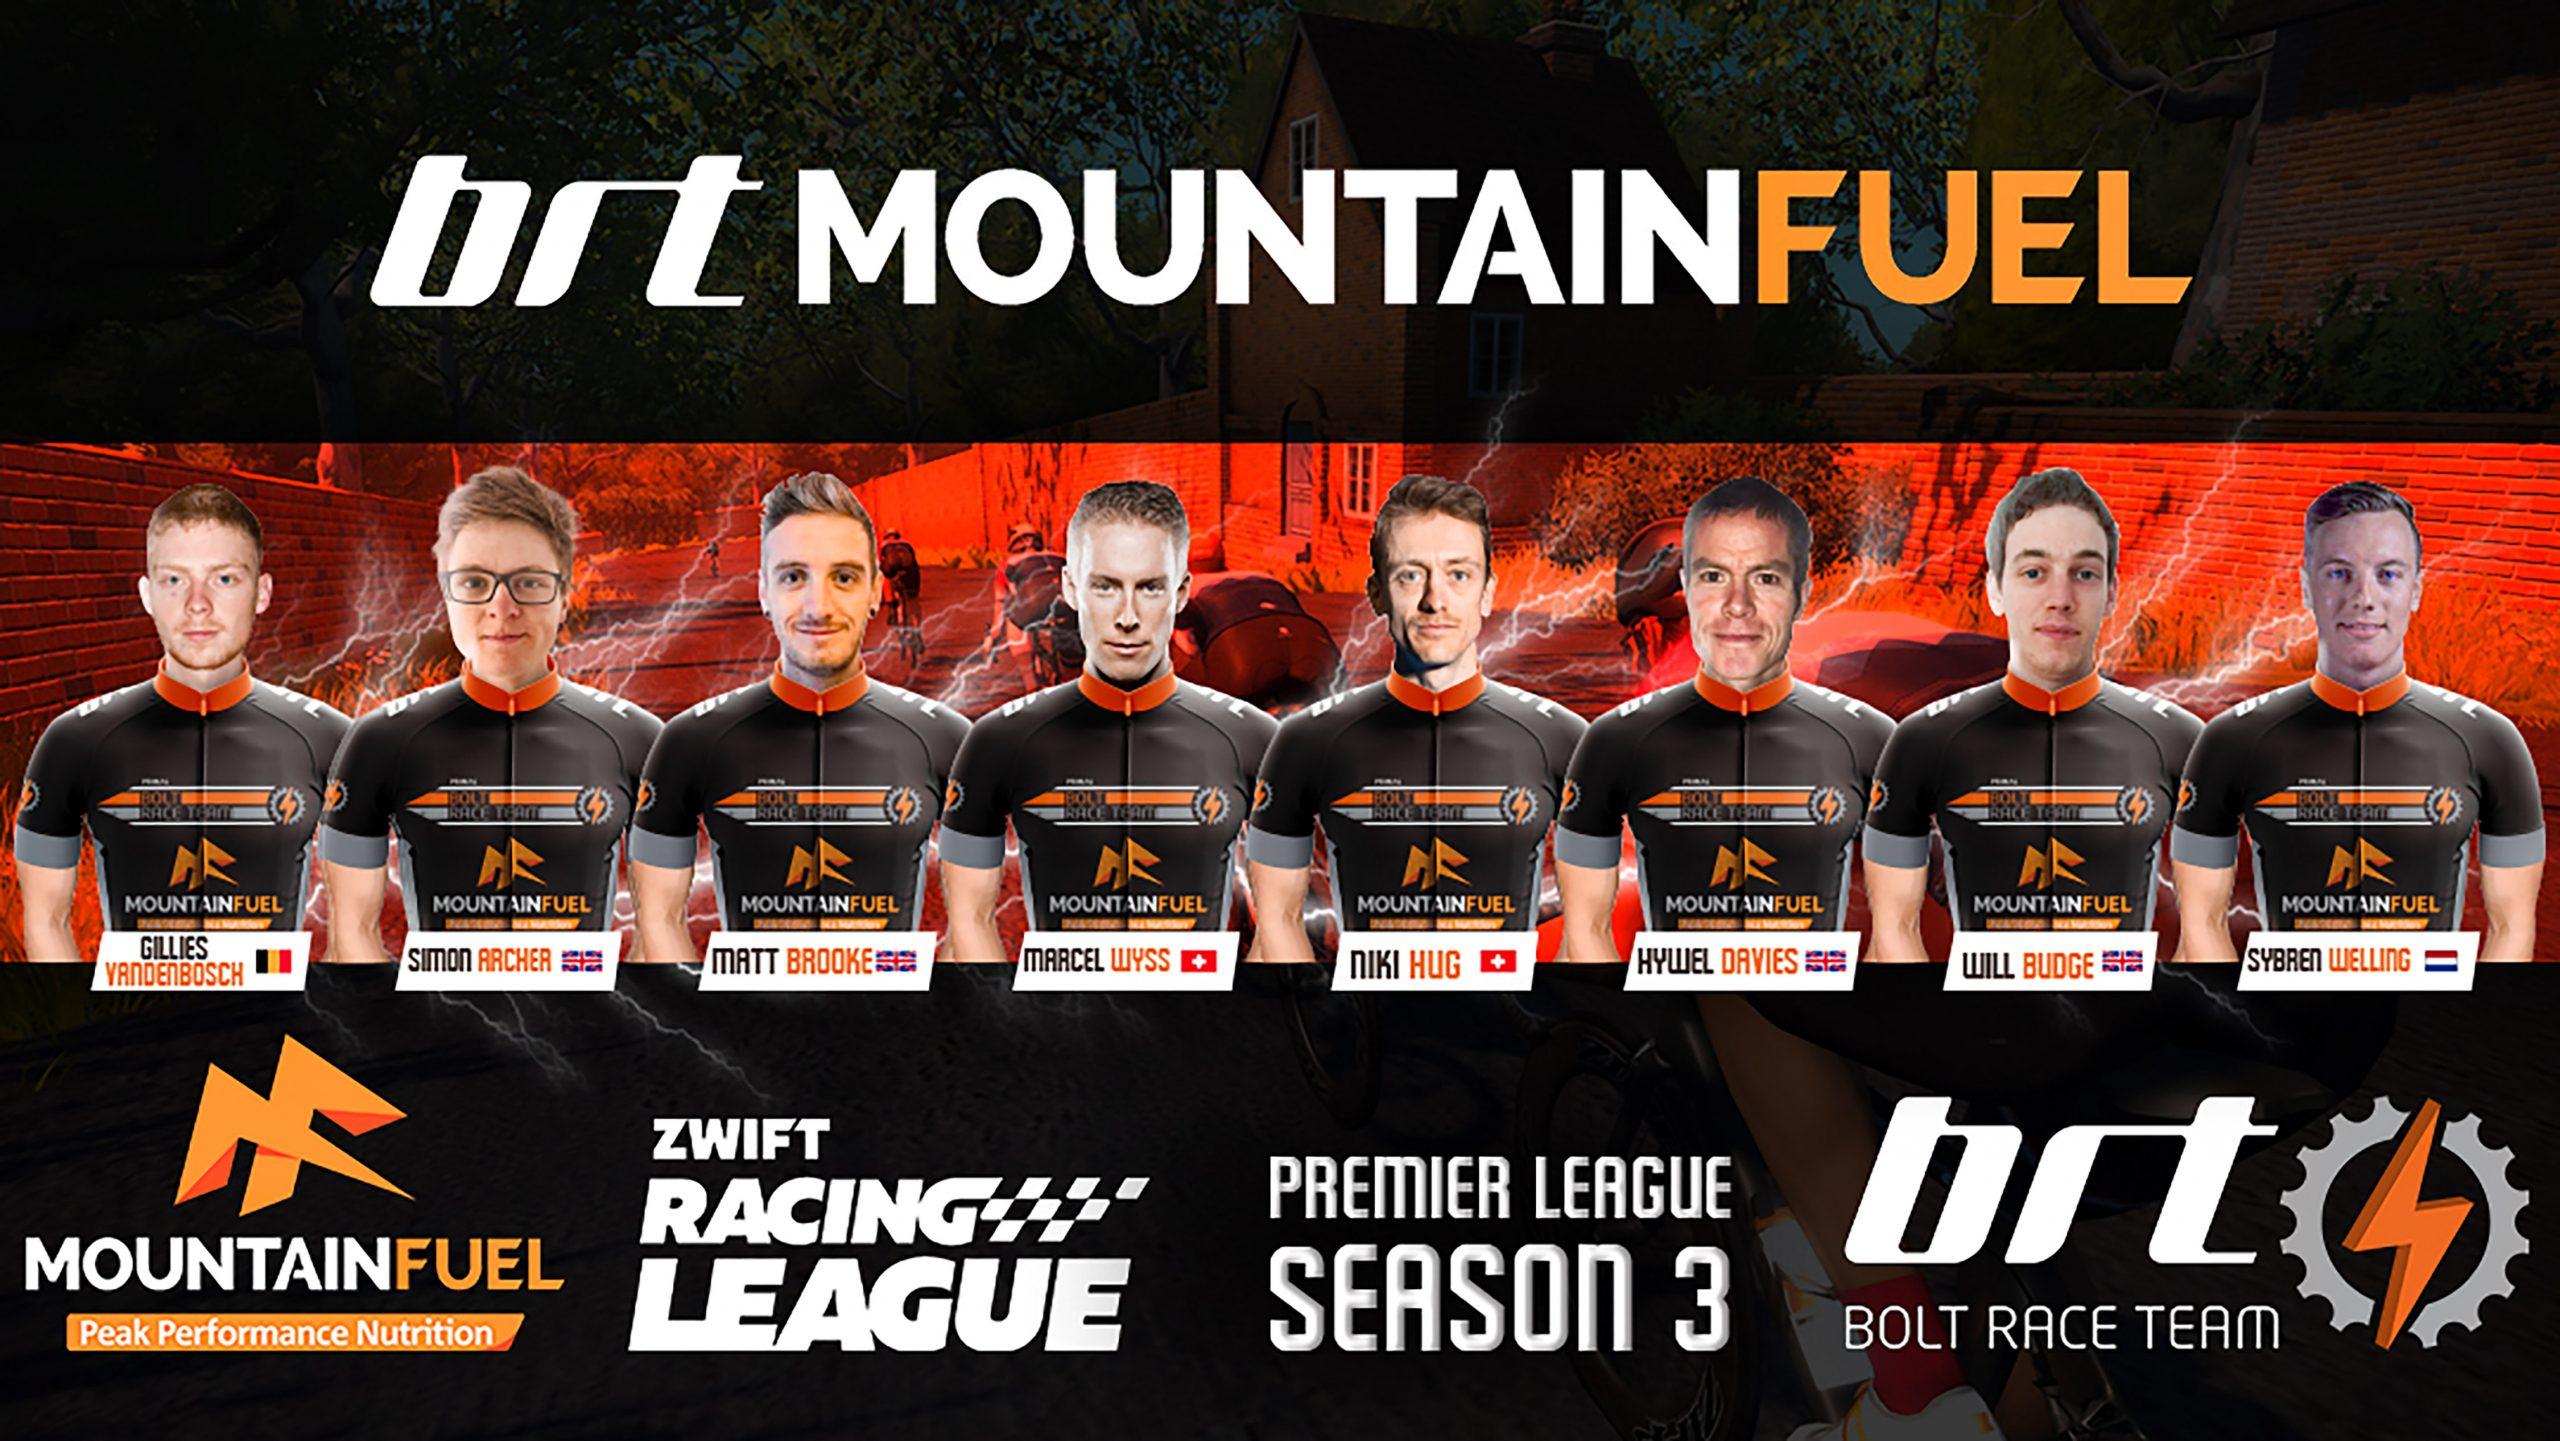 Bolt Race Team - BRT MountainFuel